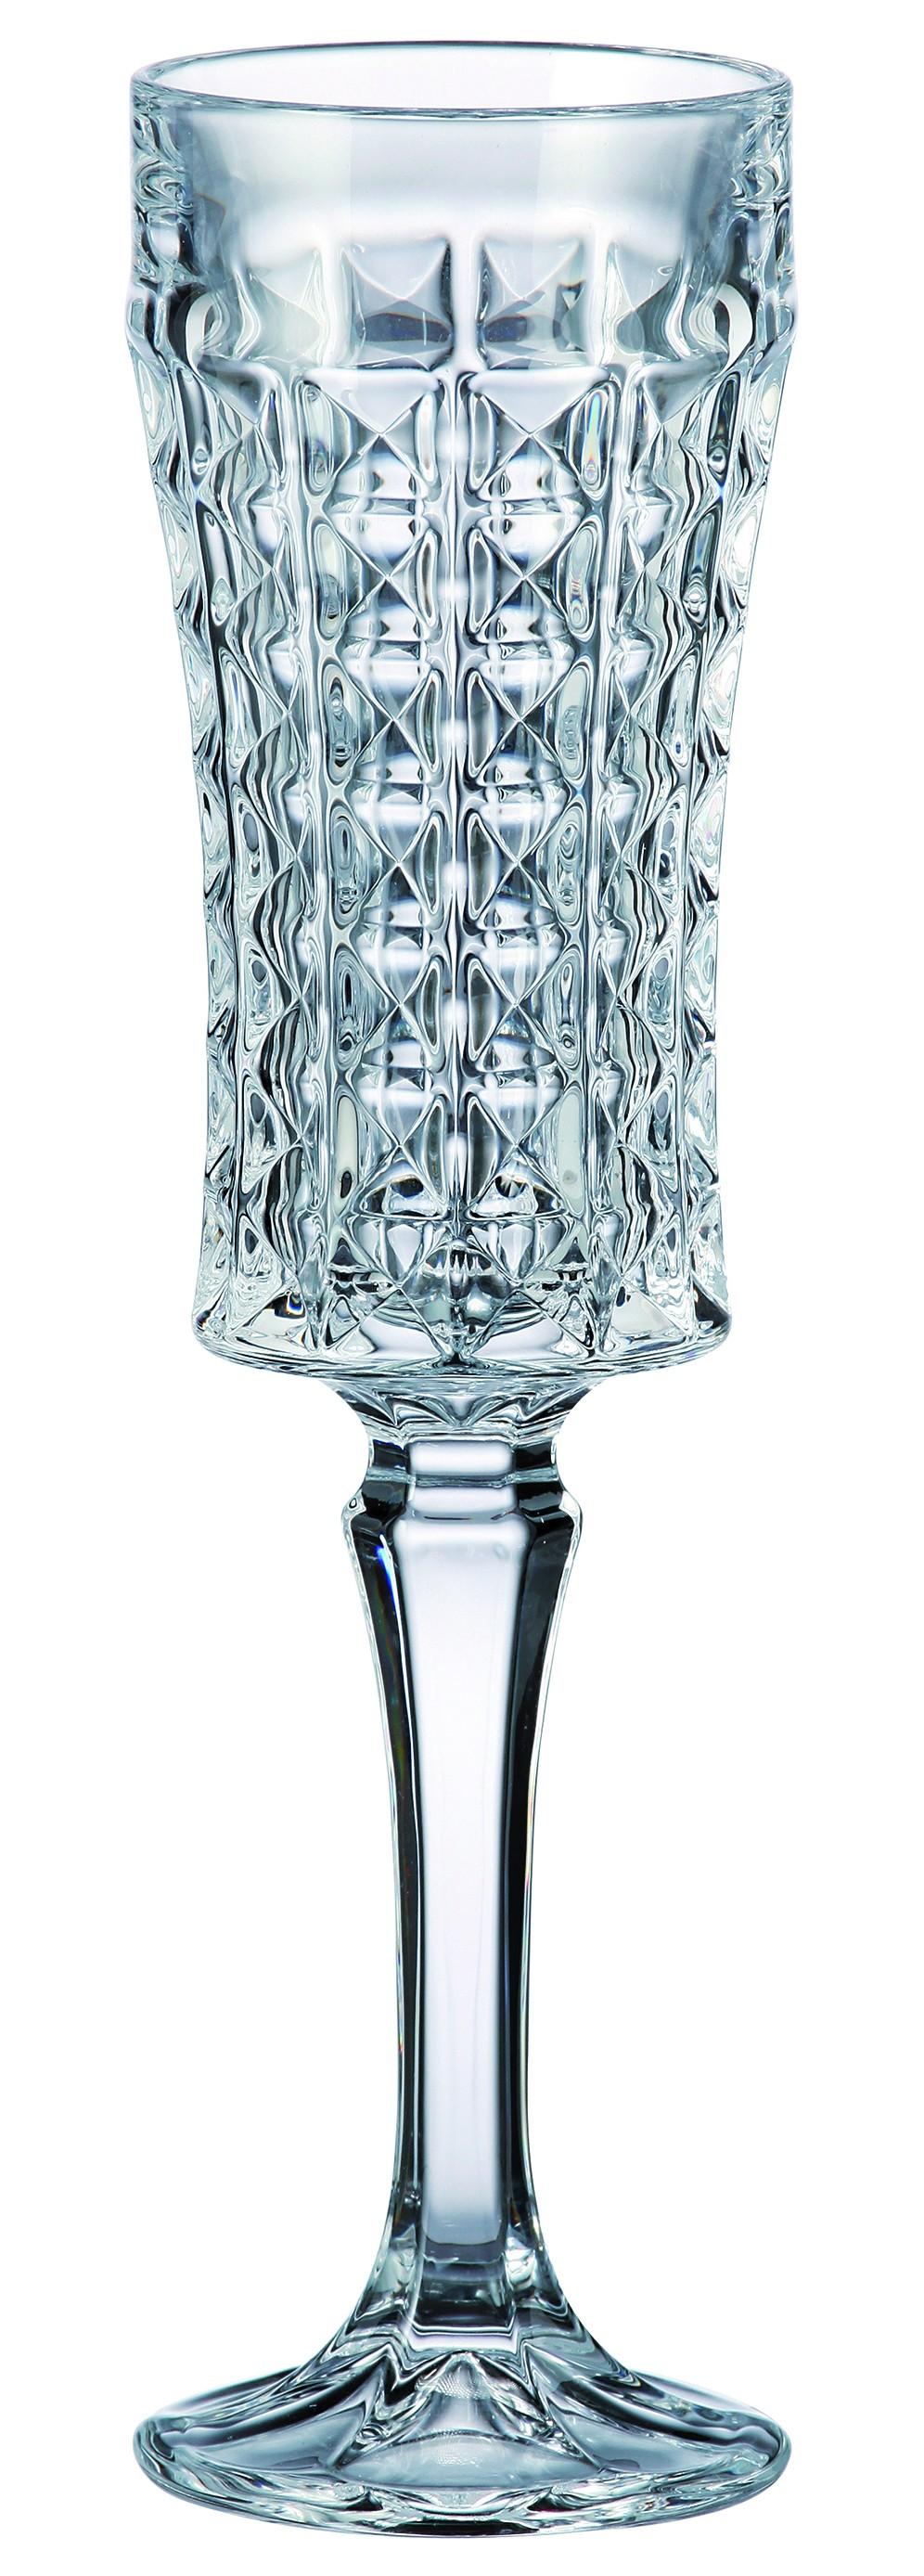 Ποτήρι Κοκτέιλ Κρυστάλλινο Diamond 120ml Bohemia home   ειδη σερβιρισματος   ποτήρια   cocktail   ειδικά ποτήρια